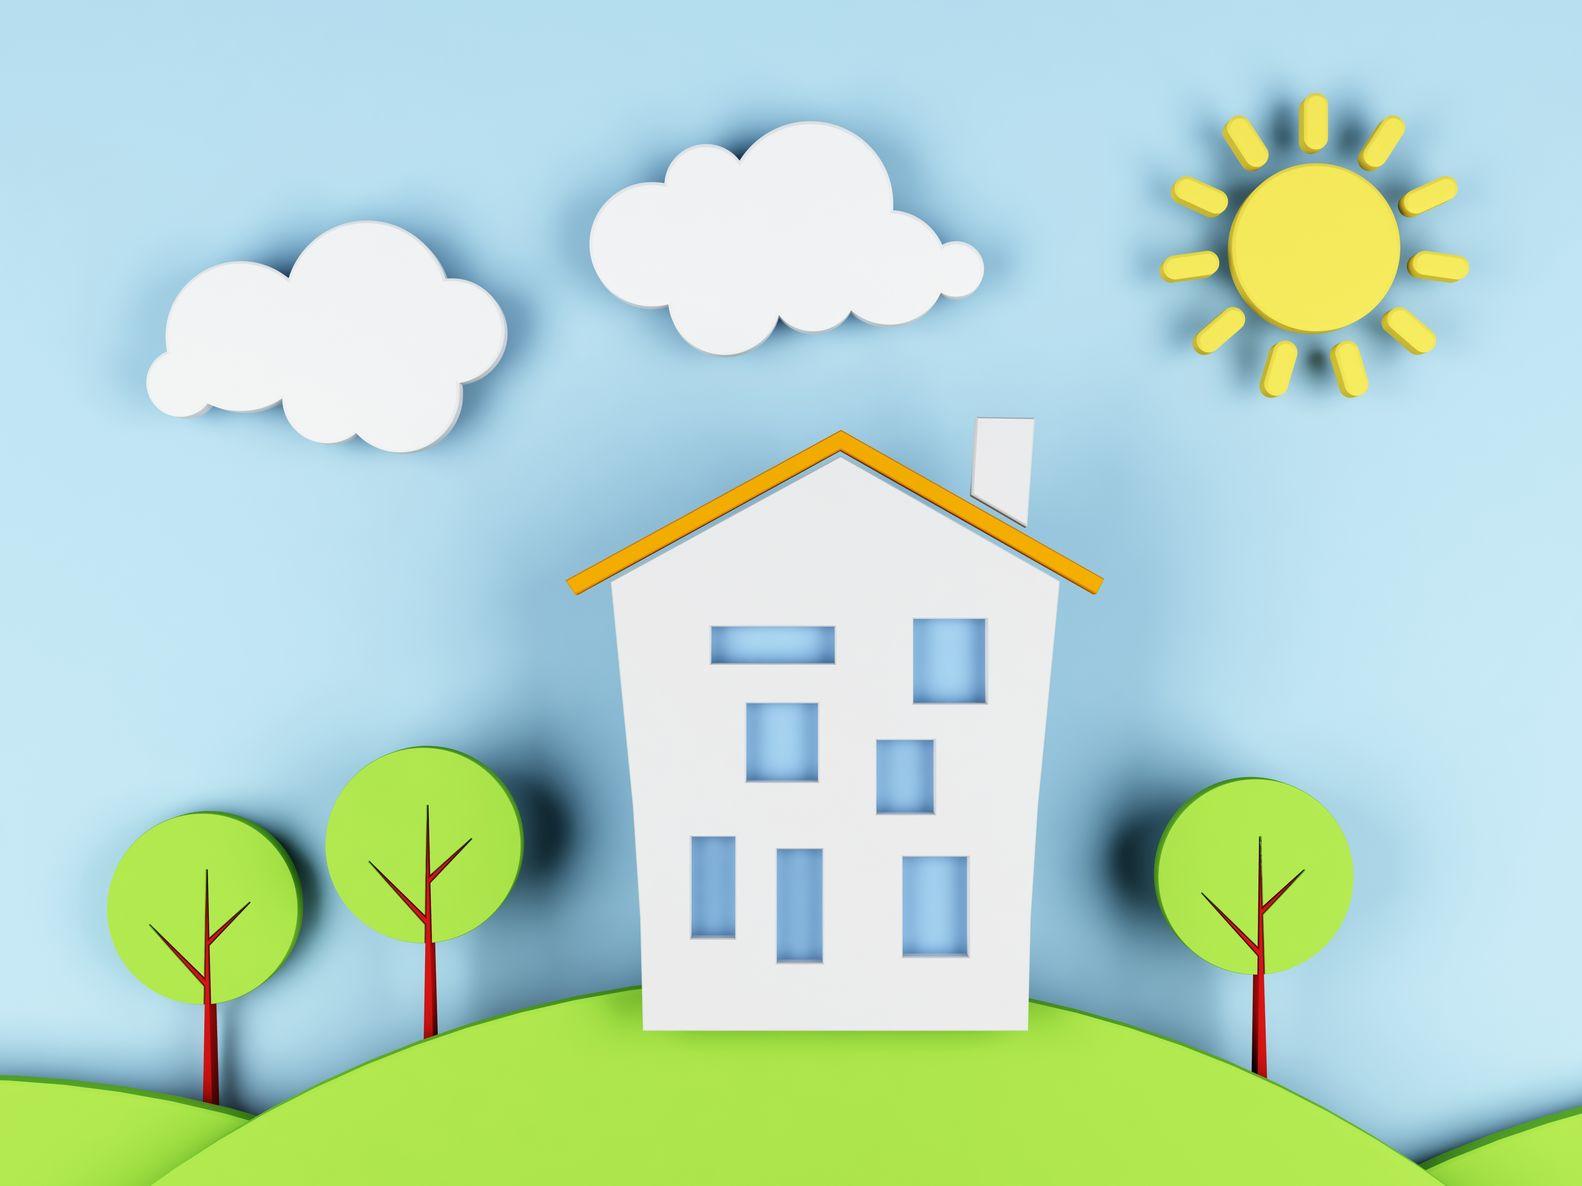 Agenzia immobiliare a vicenza acquistare una casa in - Fideiussione casa ...